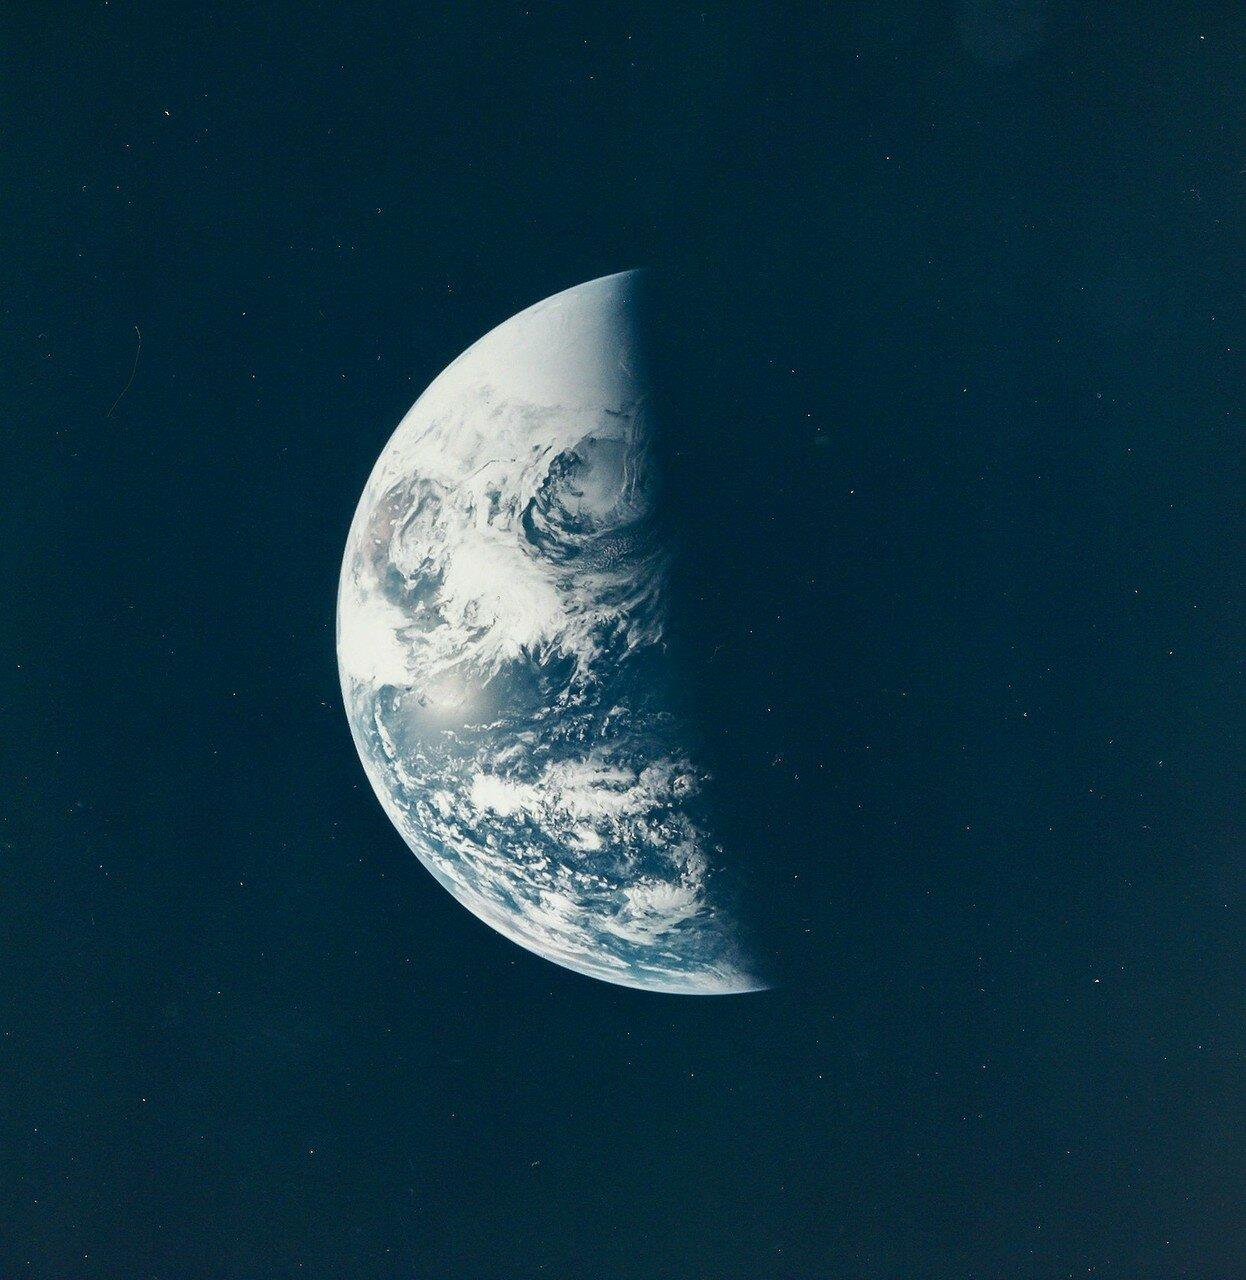 В 03:06:39 основной блок отделился от третьей ступени и Джон Суайгерт приступил к манёврам по извлечению из третьей ступени лунного корабля. На снимке: Освещенная земная треть